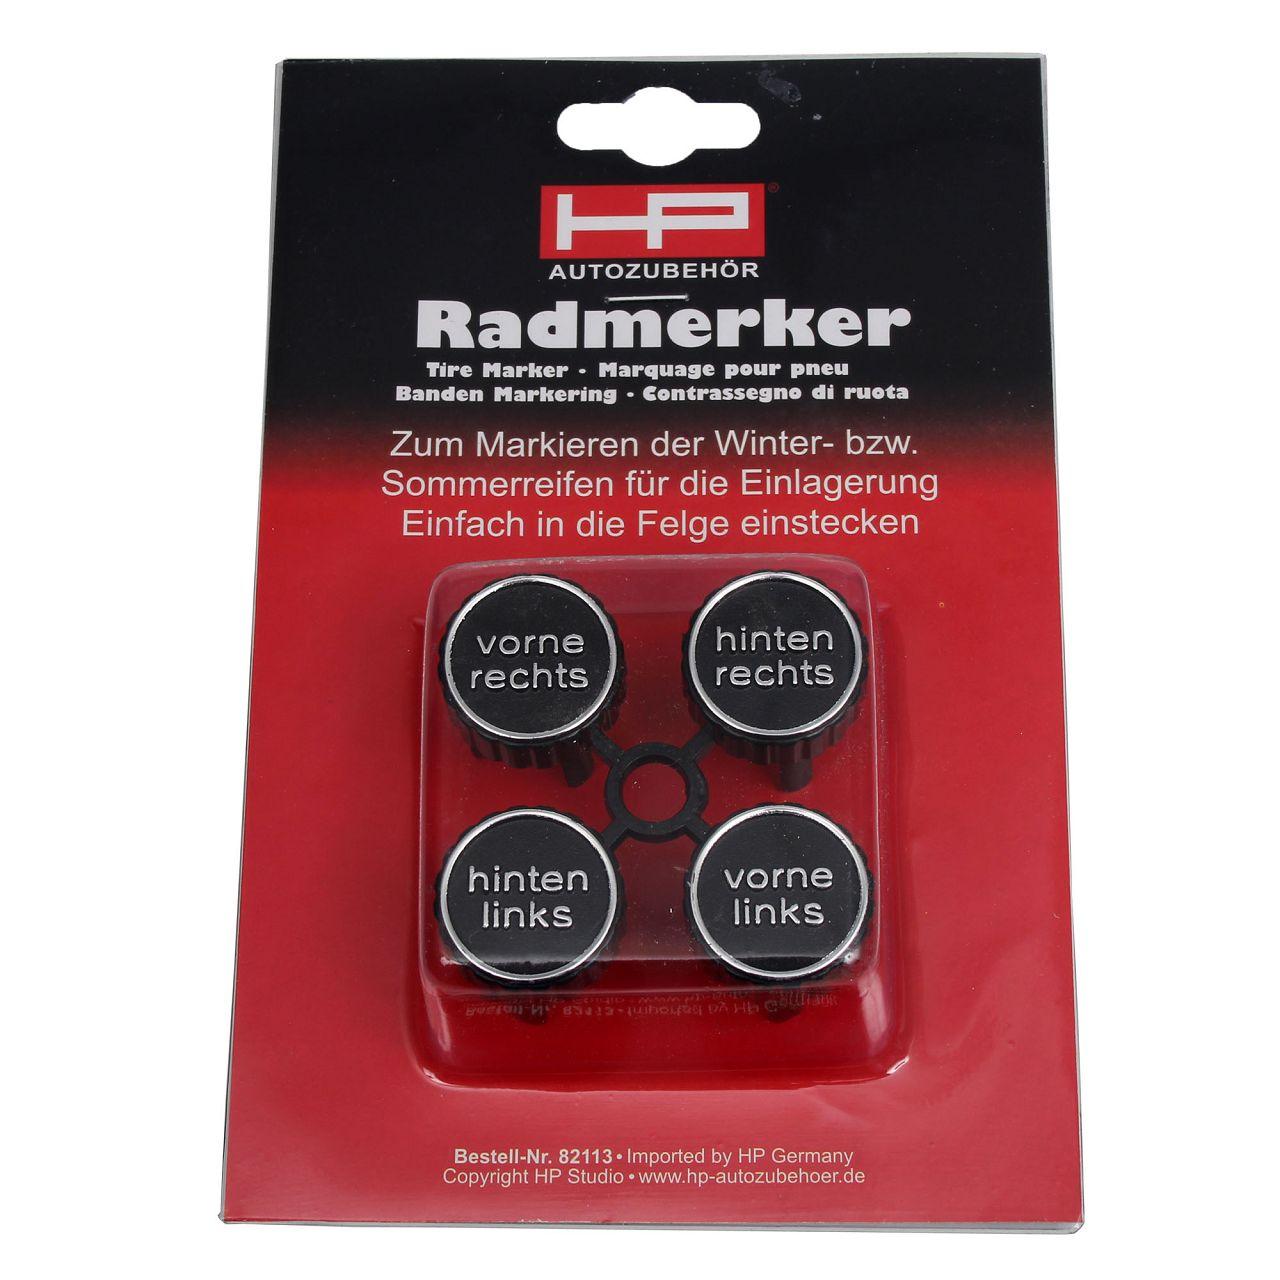 HP 82113 Radmerker-Set Nabendeckel Reifenmarkierer Radmarkierung 4-TEILIG